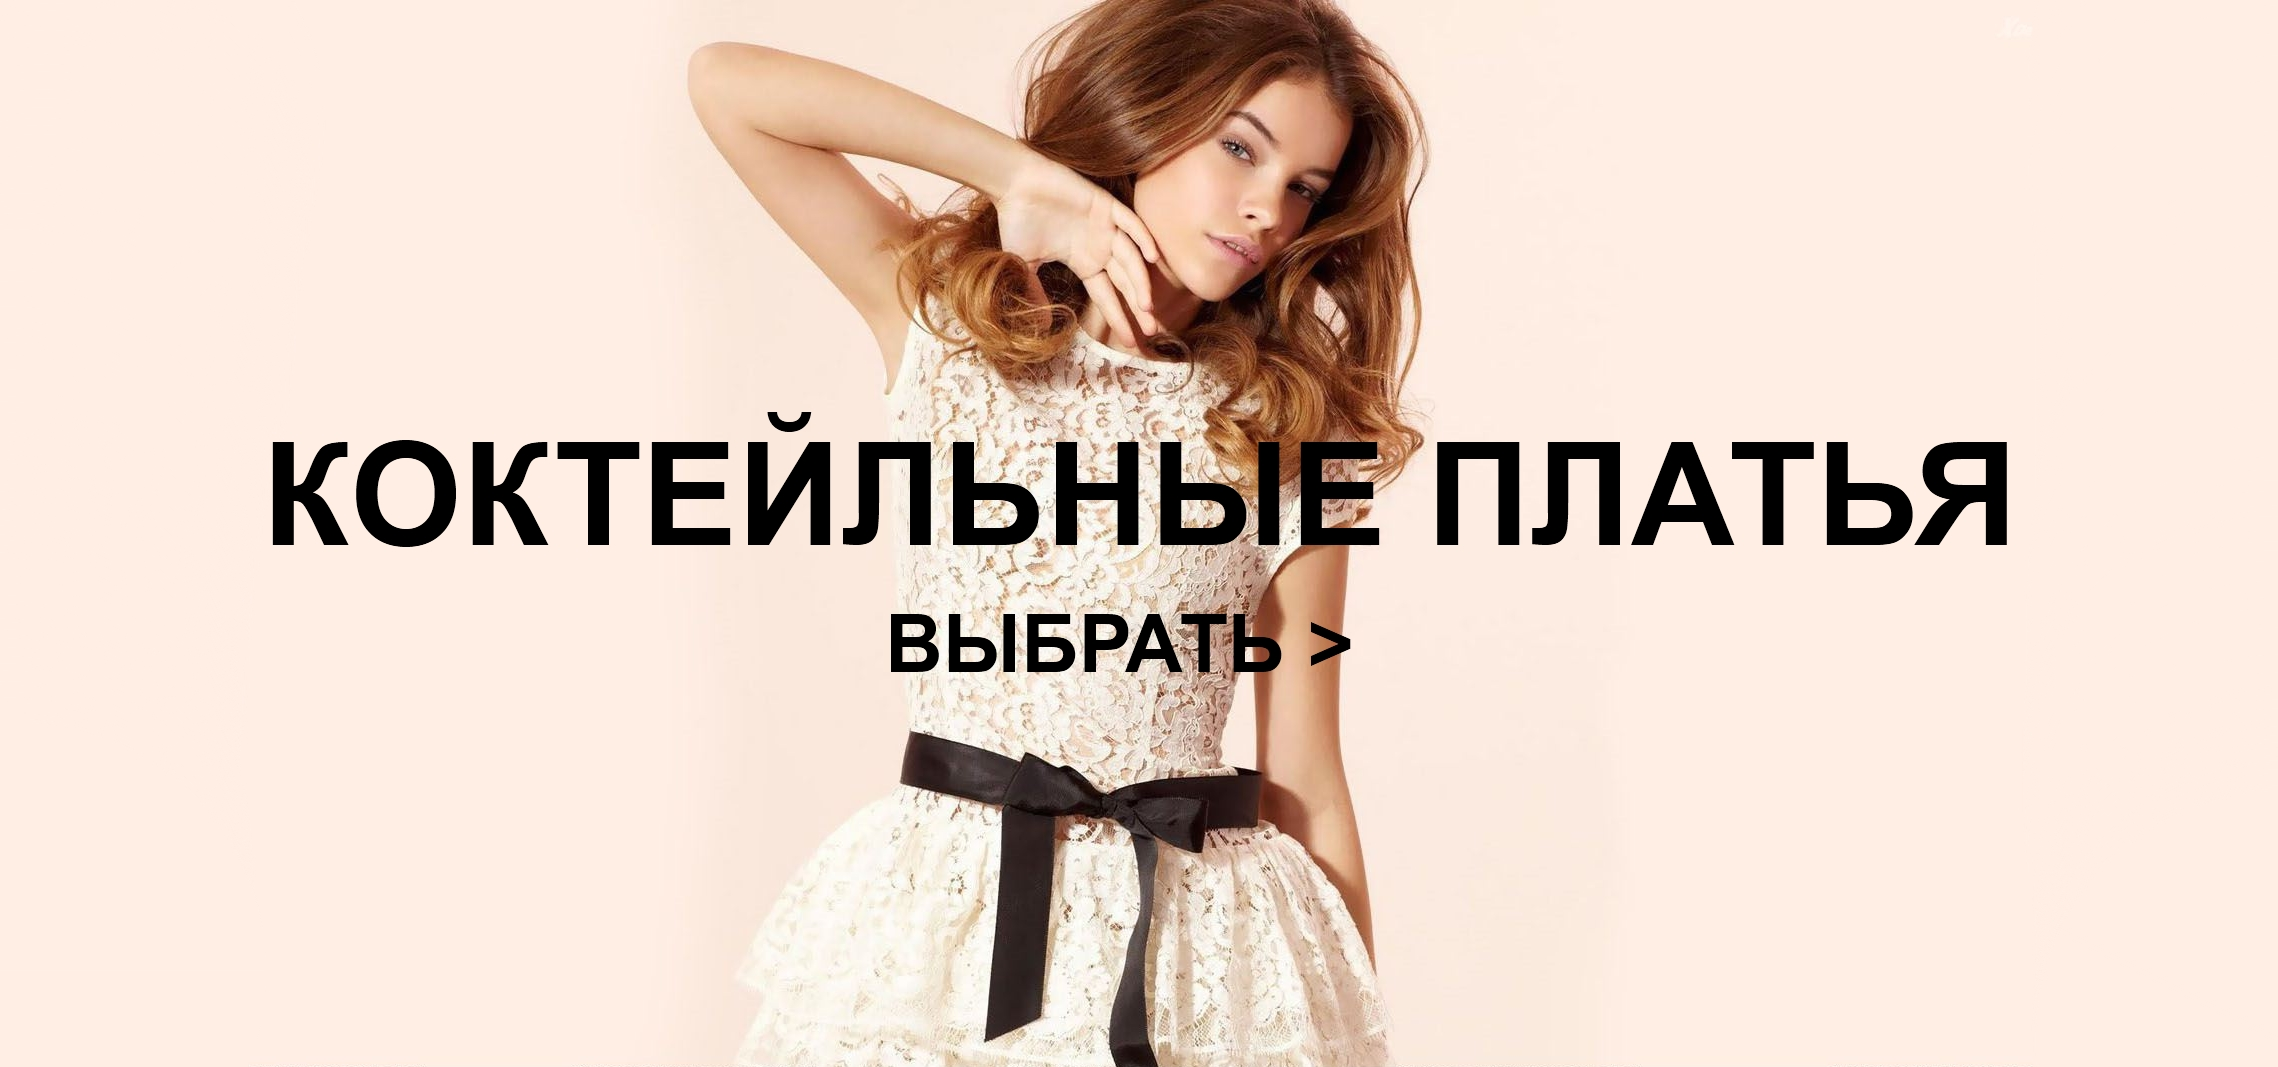 Магазин Красивых Платьев Доставка